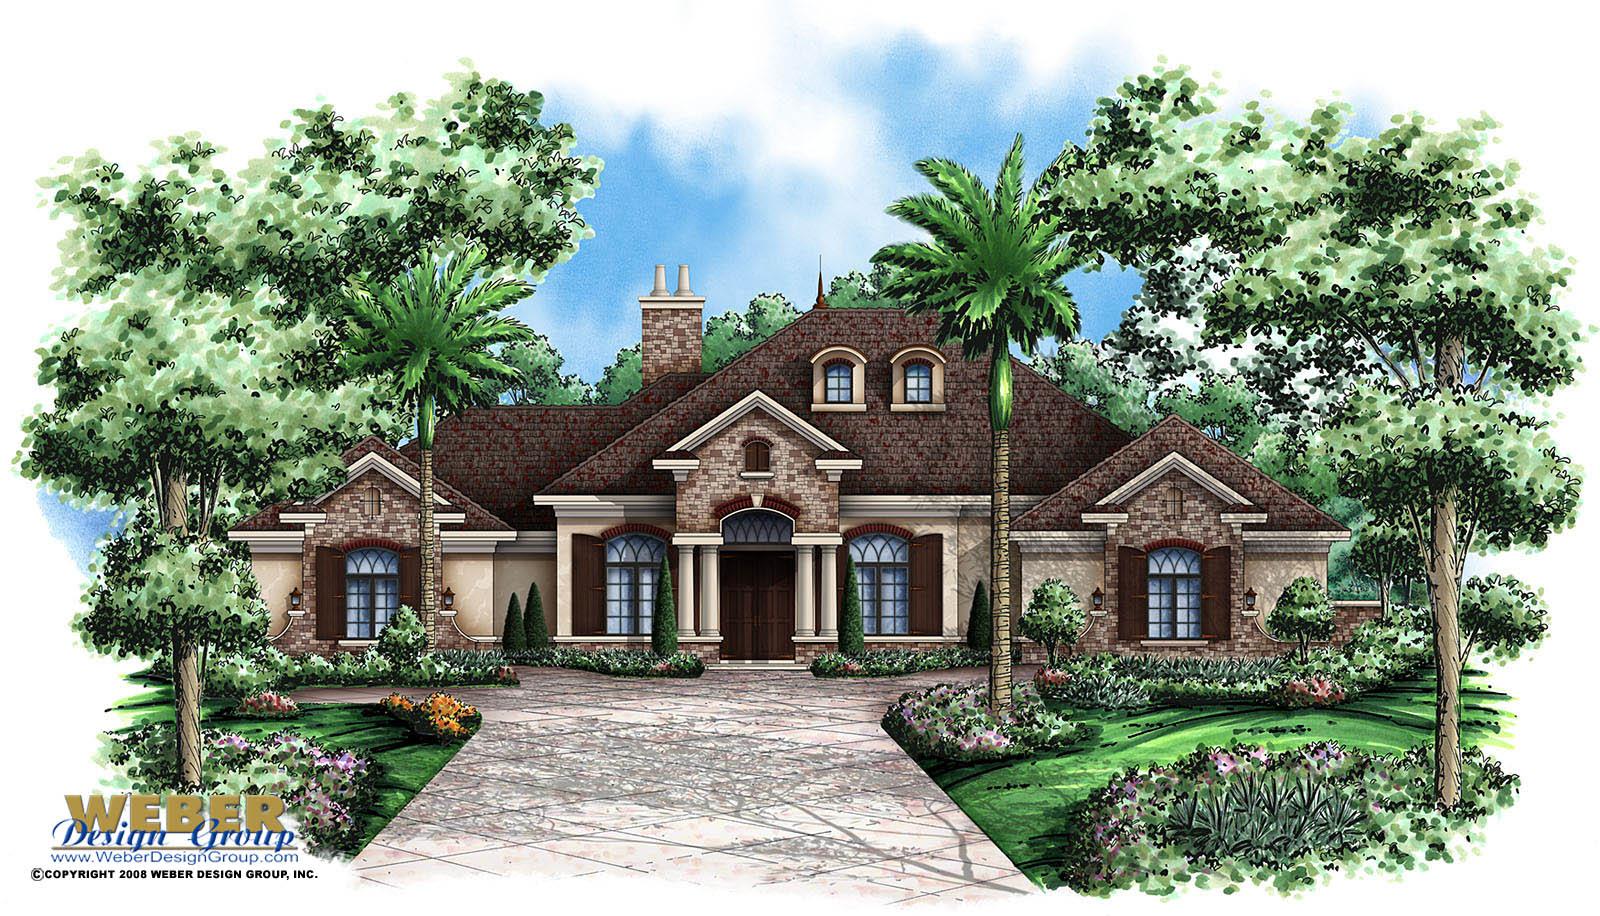 raftsman Home Plan Verdelais Home Plan - Weber Design Group - ^